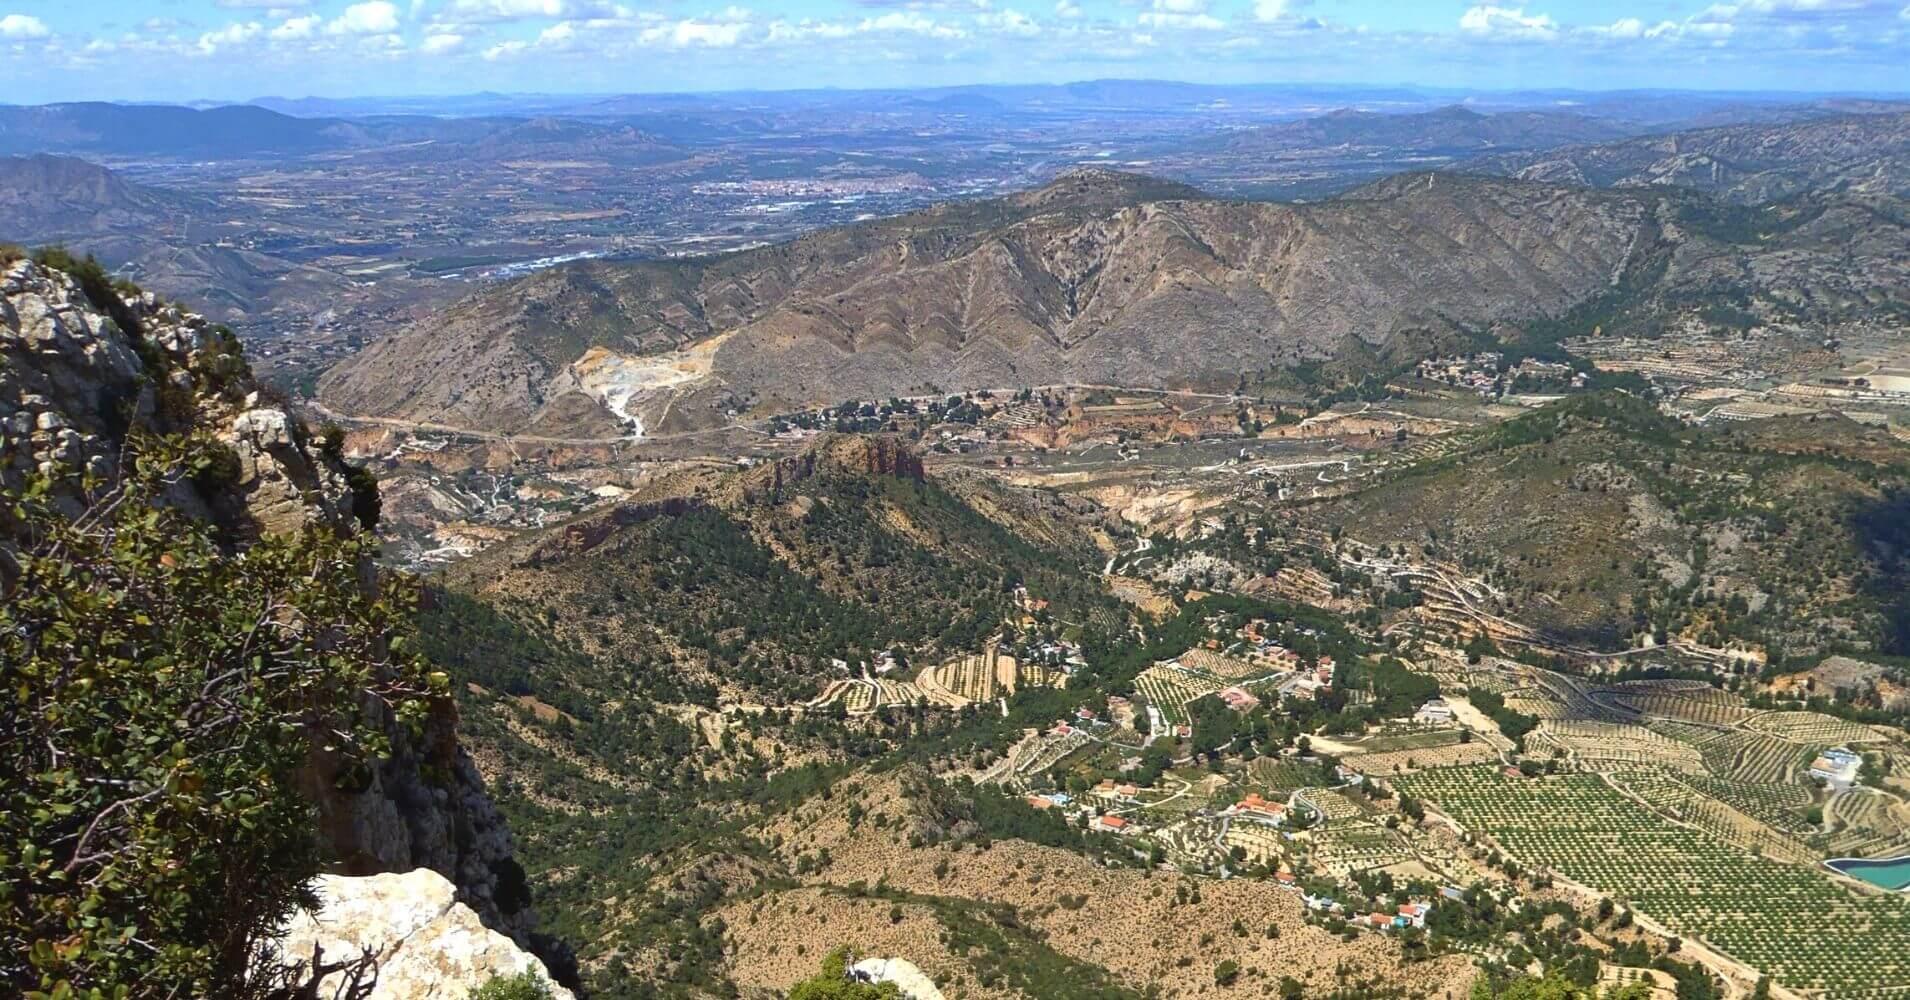 Panorámicas desde la Cumbre de la Vía Ferrata de Petrer, Alicante.